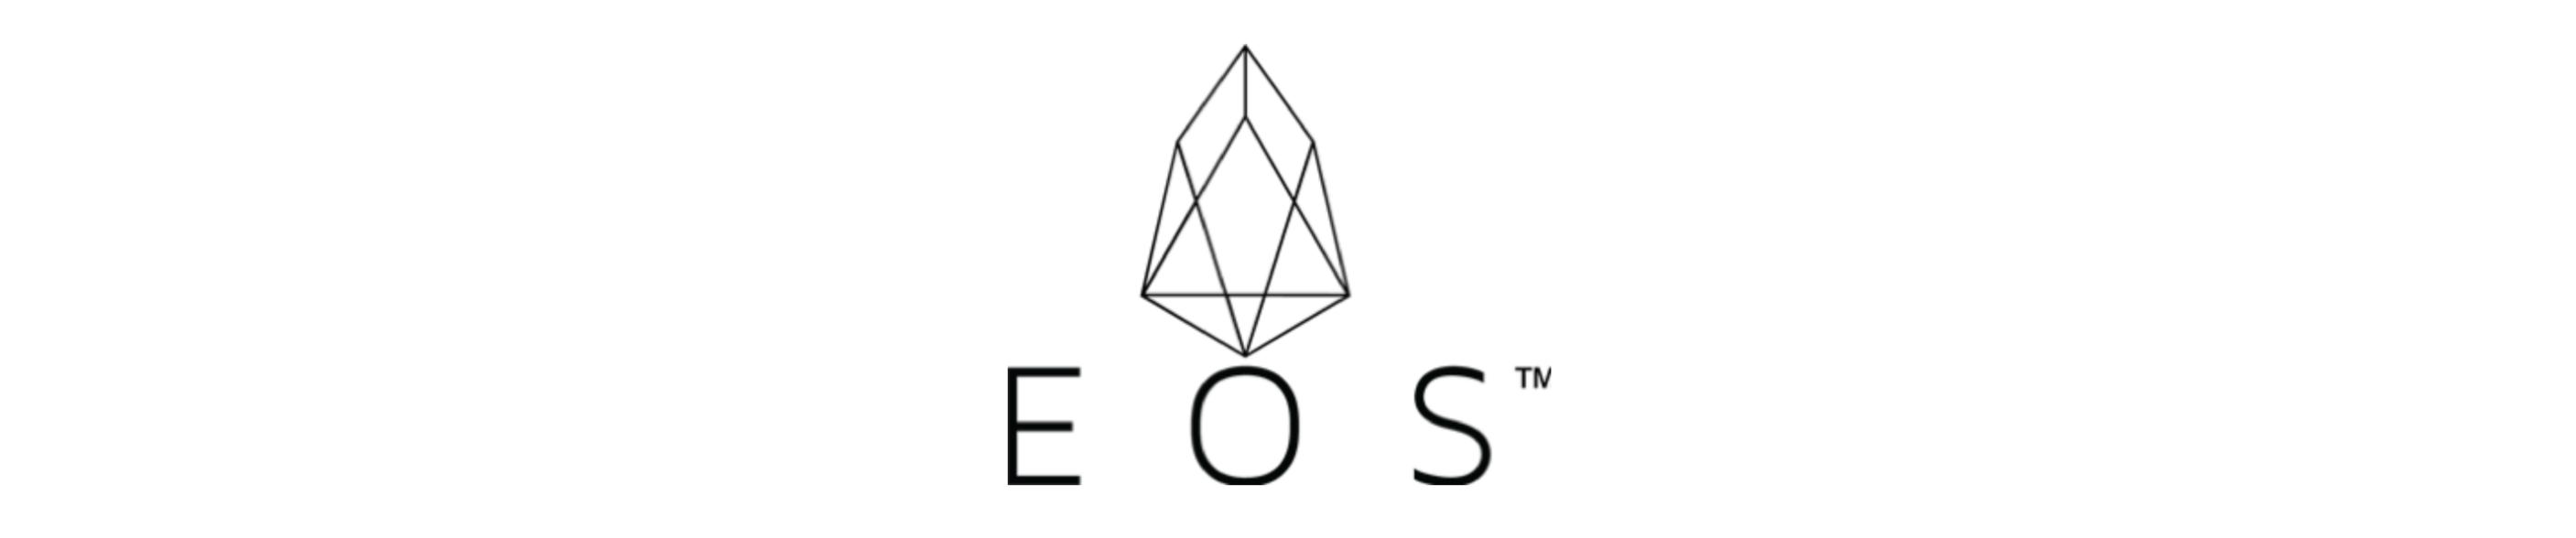 EOS: một gã khổng lồ trong DPoS